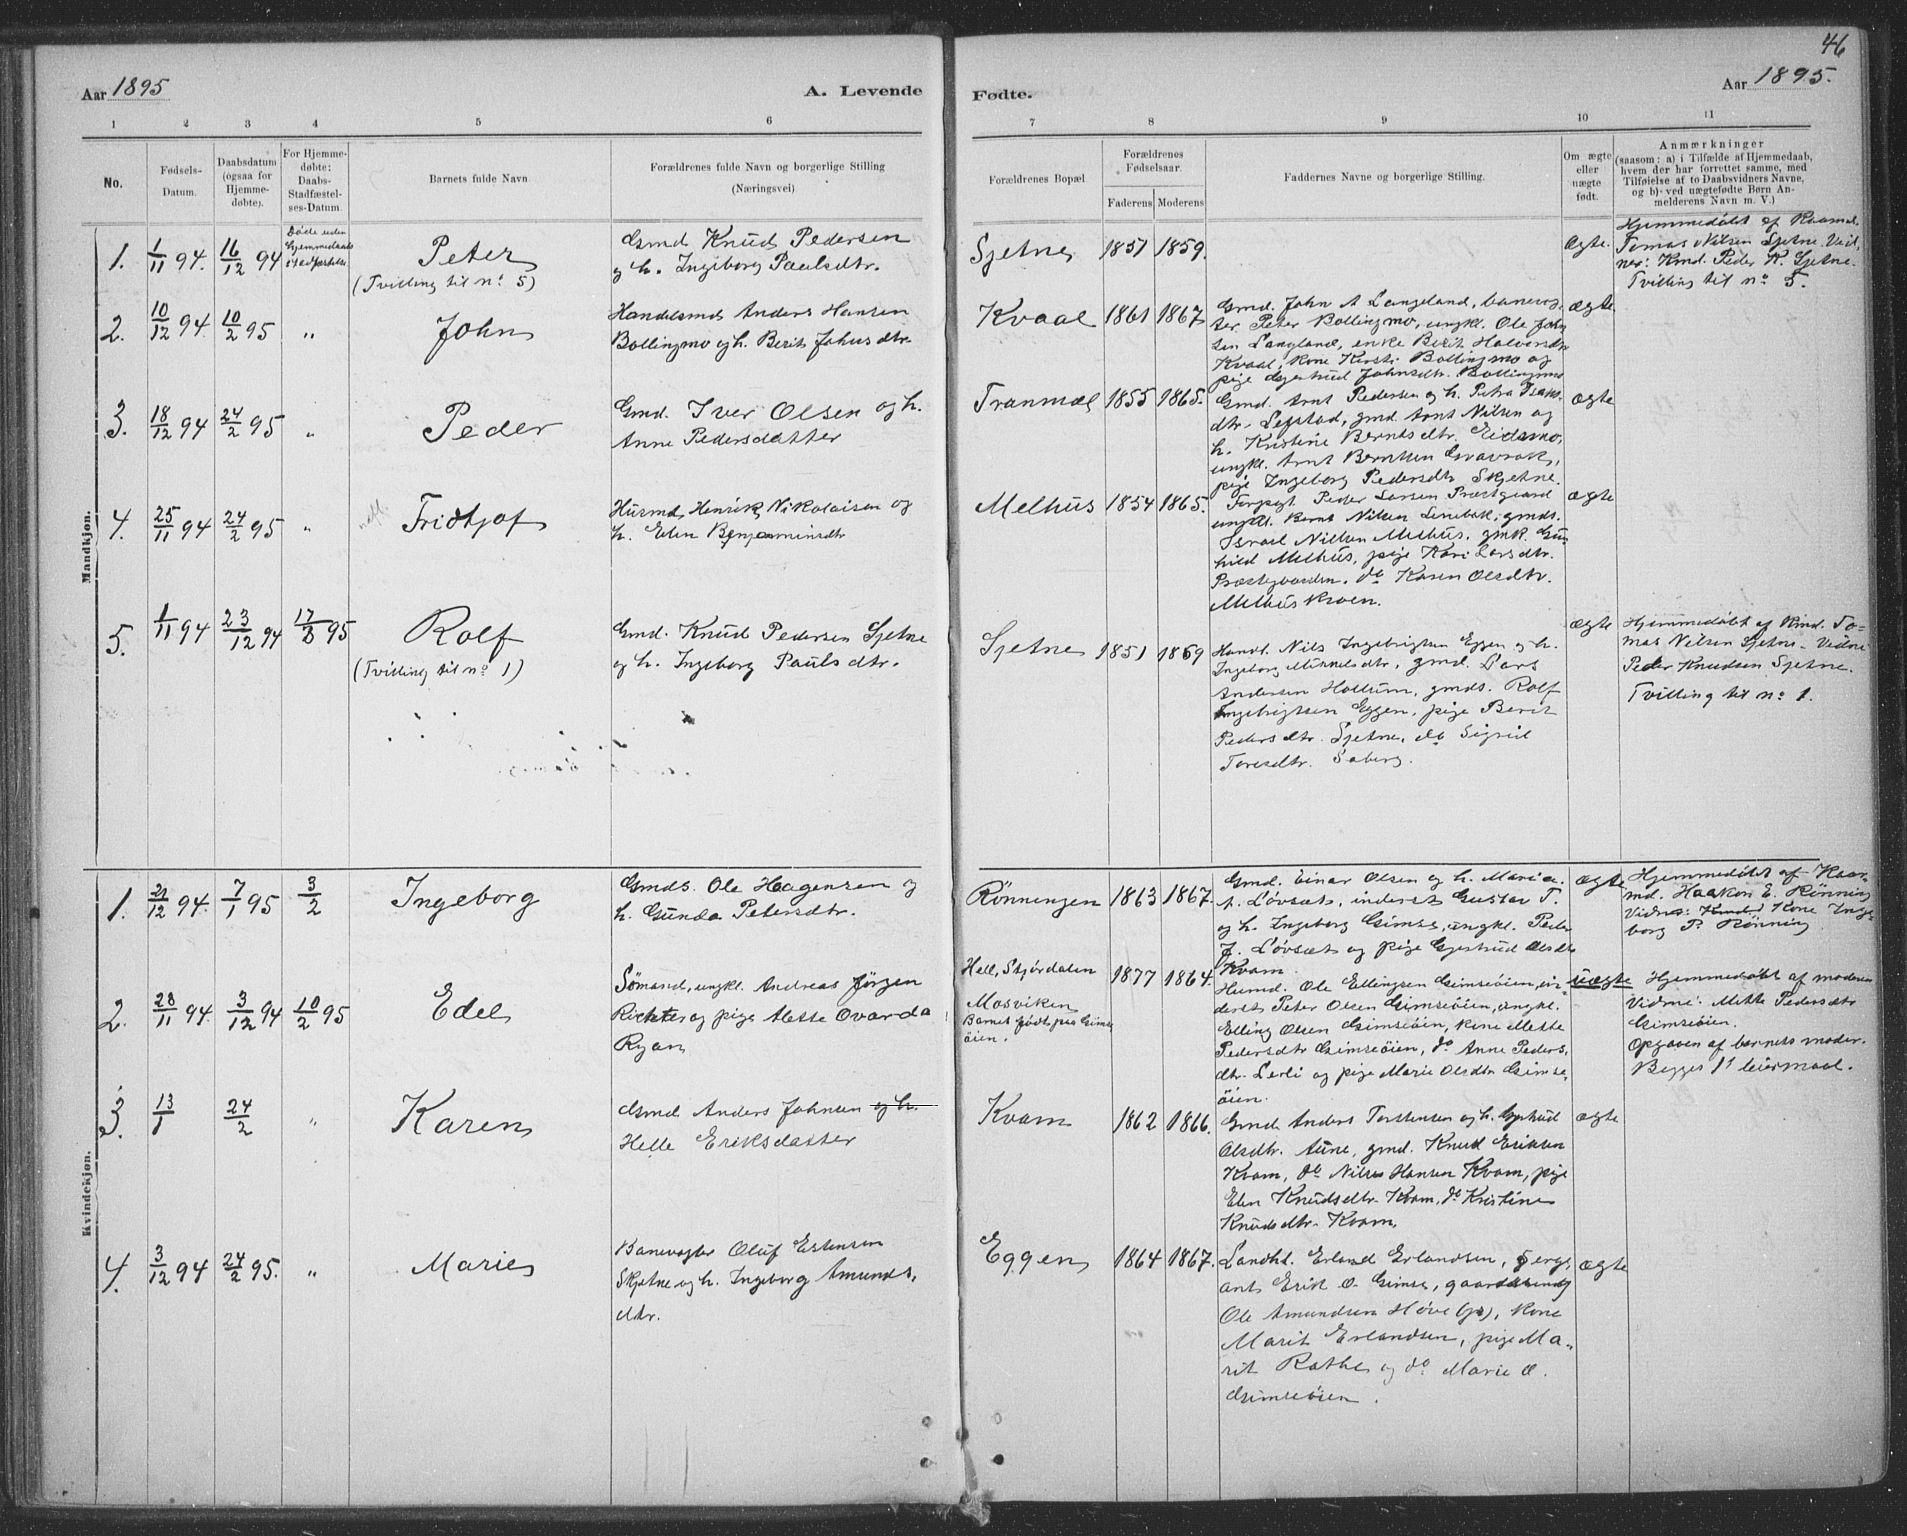 SAT, Ministerialprotokoller, klokkerbøker og fødselsregistre - Sør-Trøndelag, 691/L1085: Ministerialbok nr. 691A17, 1887-1908, s. 46